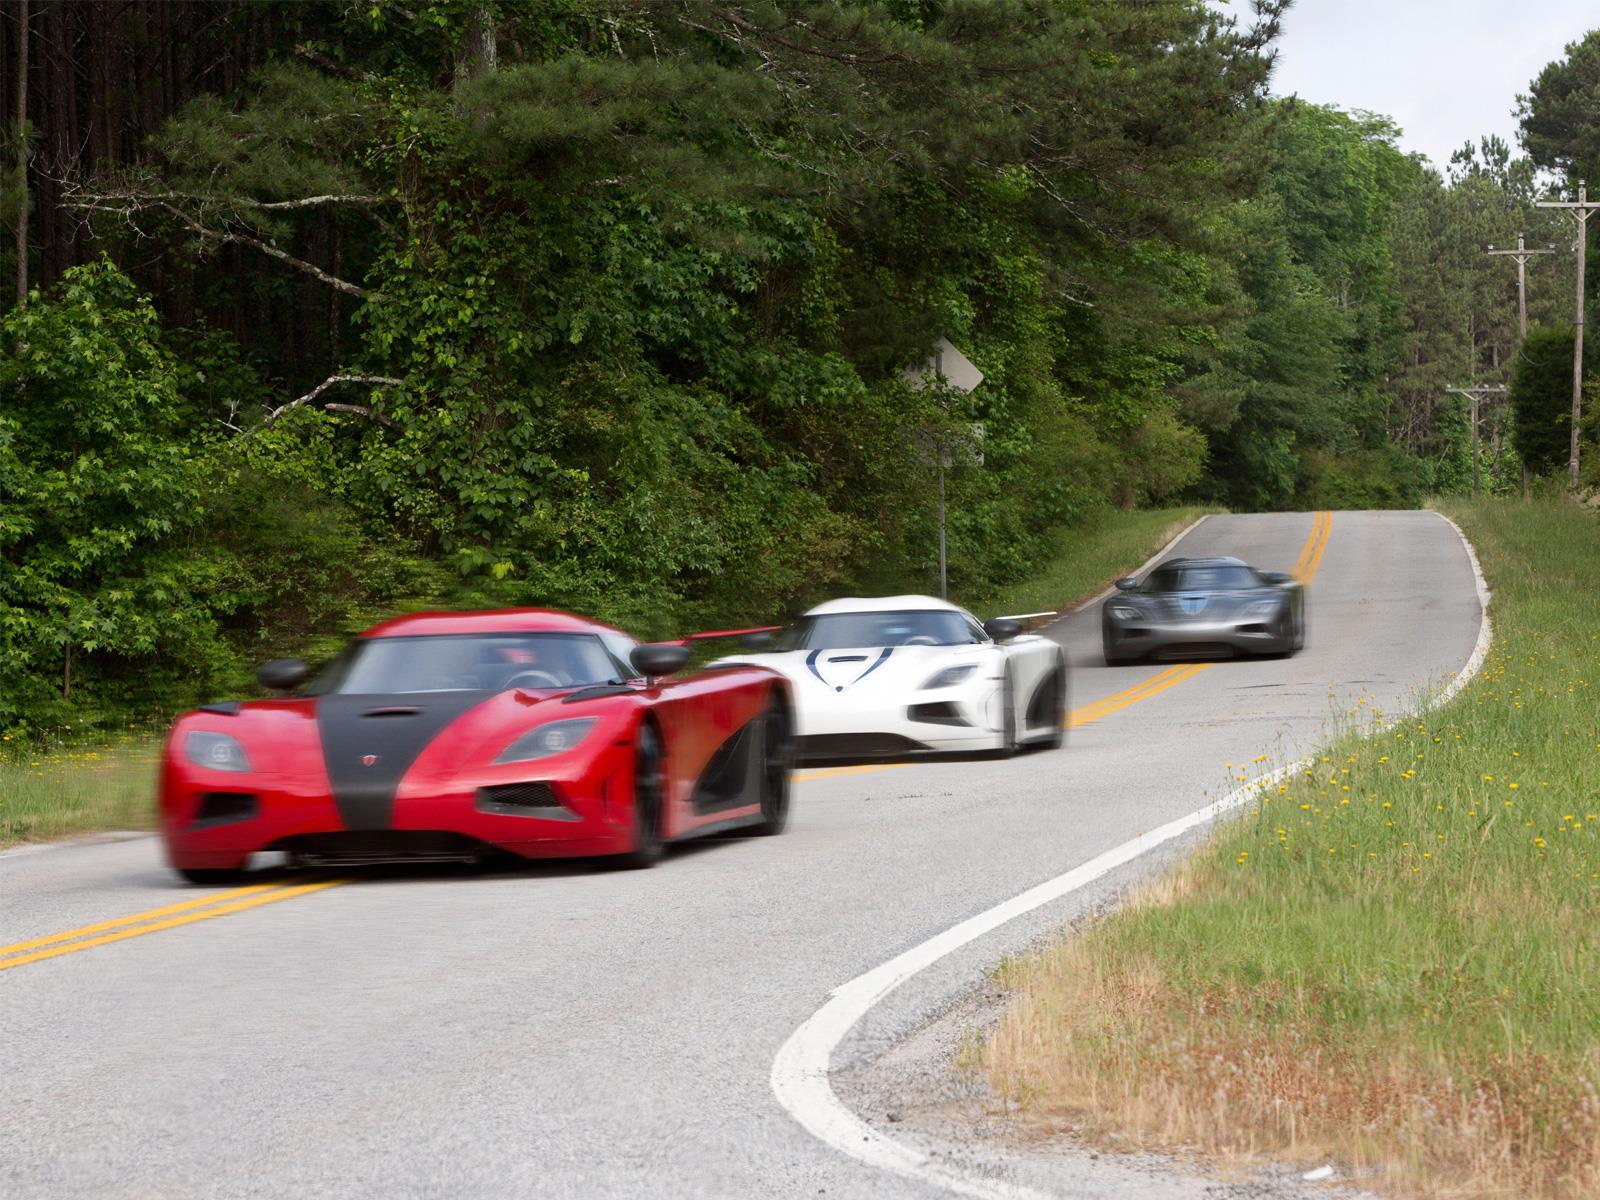 Todo lo que debes de saber sobre la película de Need For Speed - Autocosmos.com